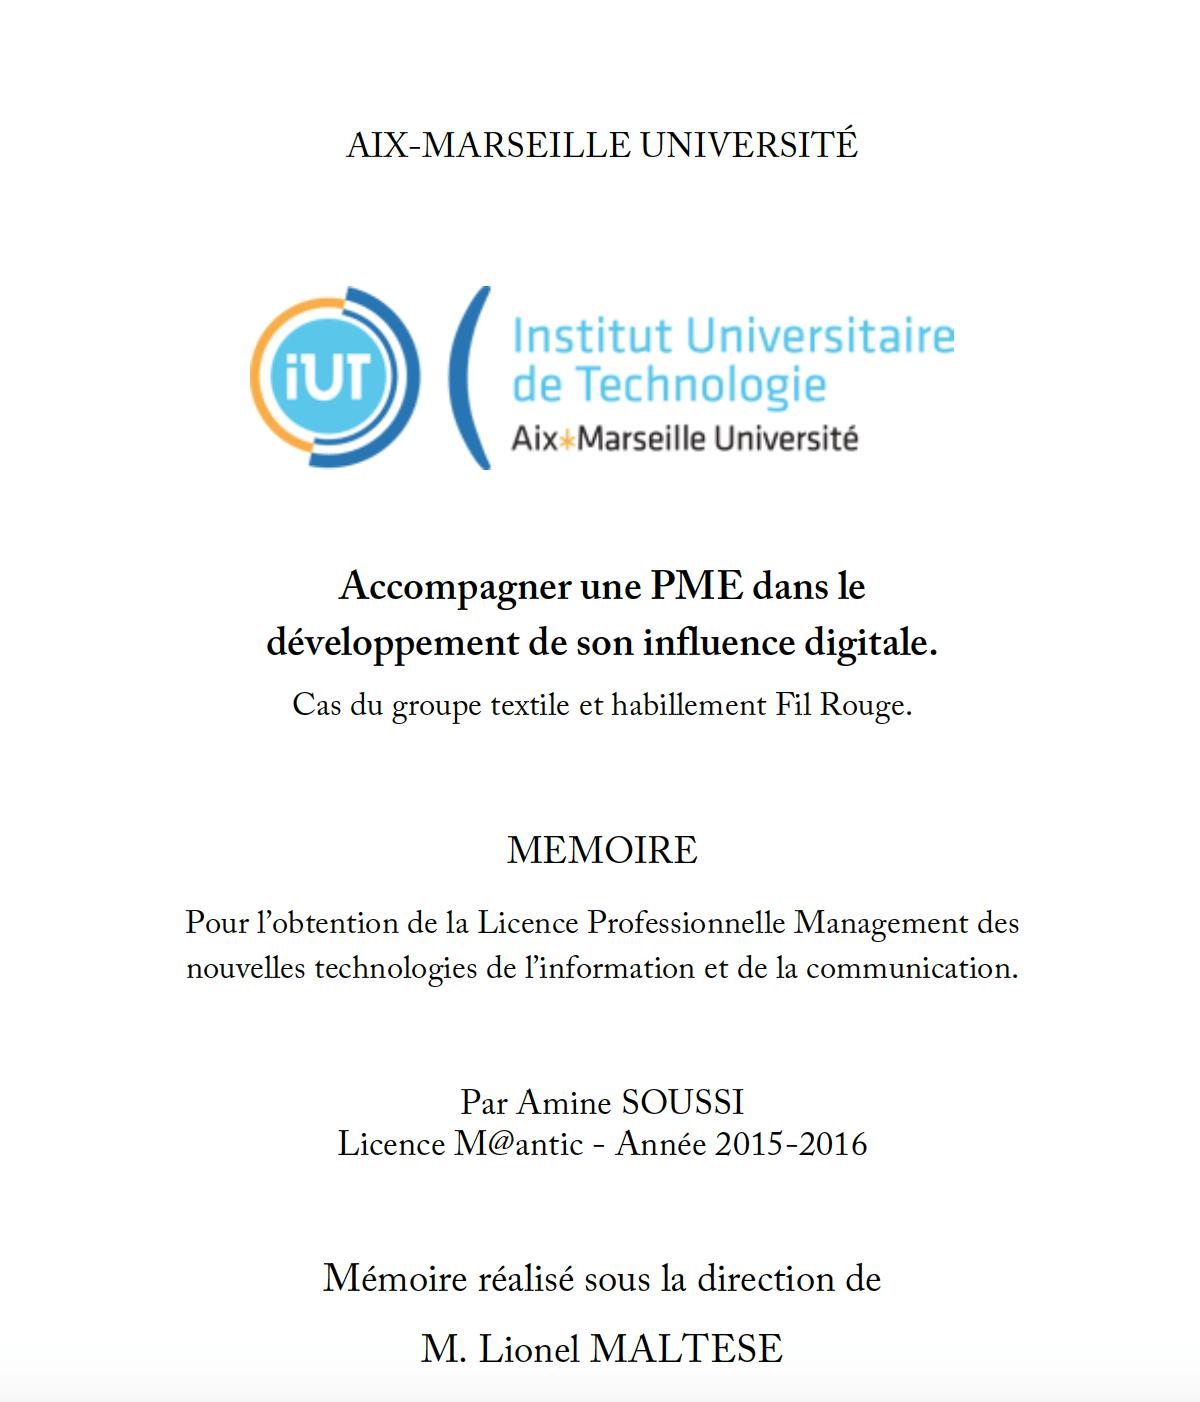 Mémoire Amine SOUSSI Influence digitale